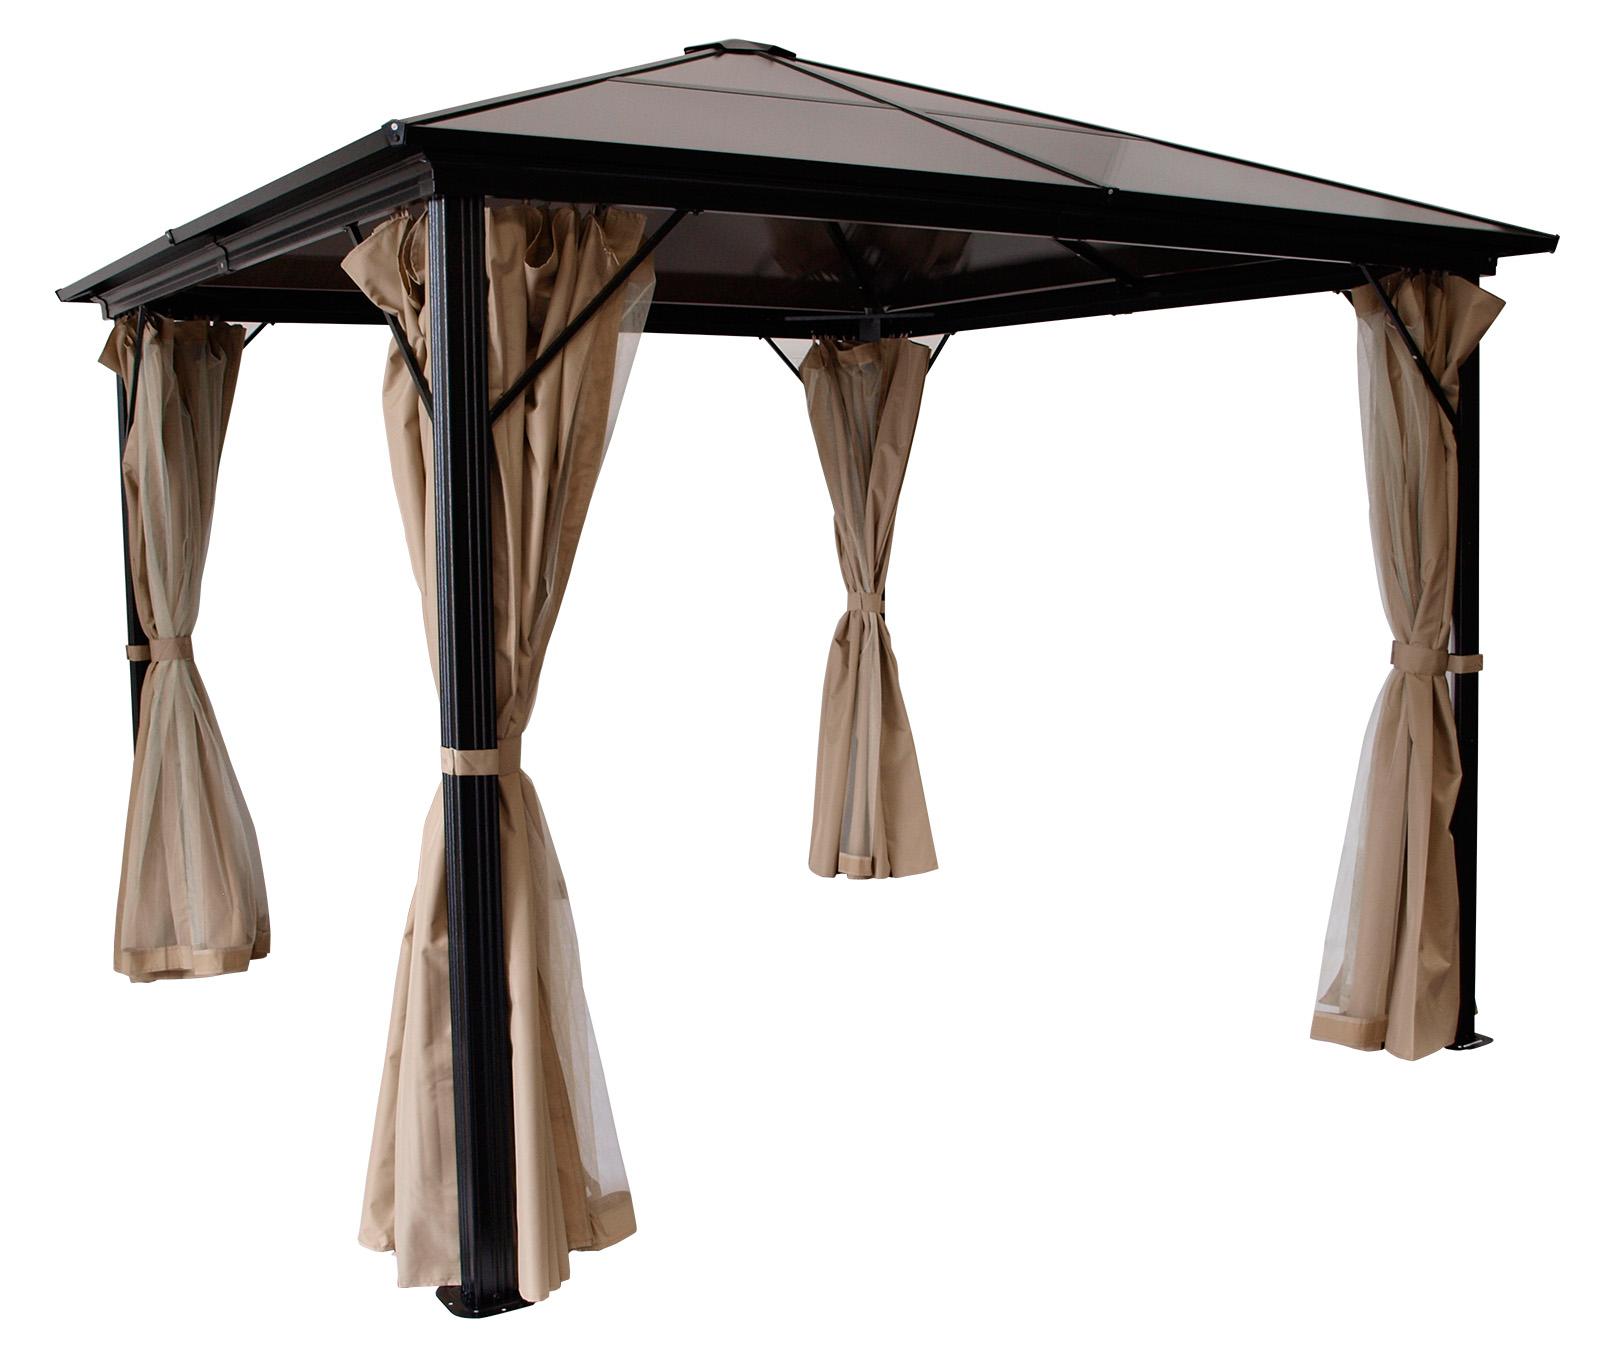 Gartenpavillon pavillon metall pavillion montreal alu dach kunststoffplatten ebay - Gartenpavillon holz 3x3 ...